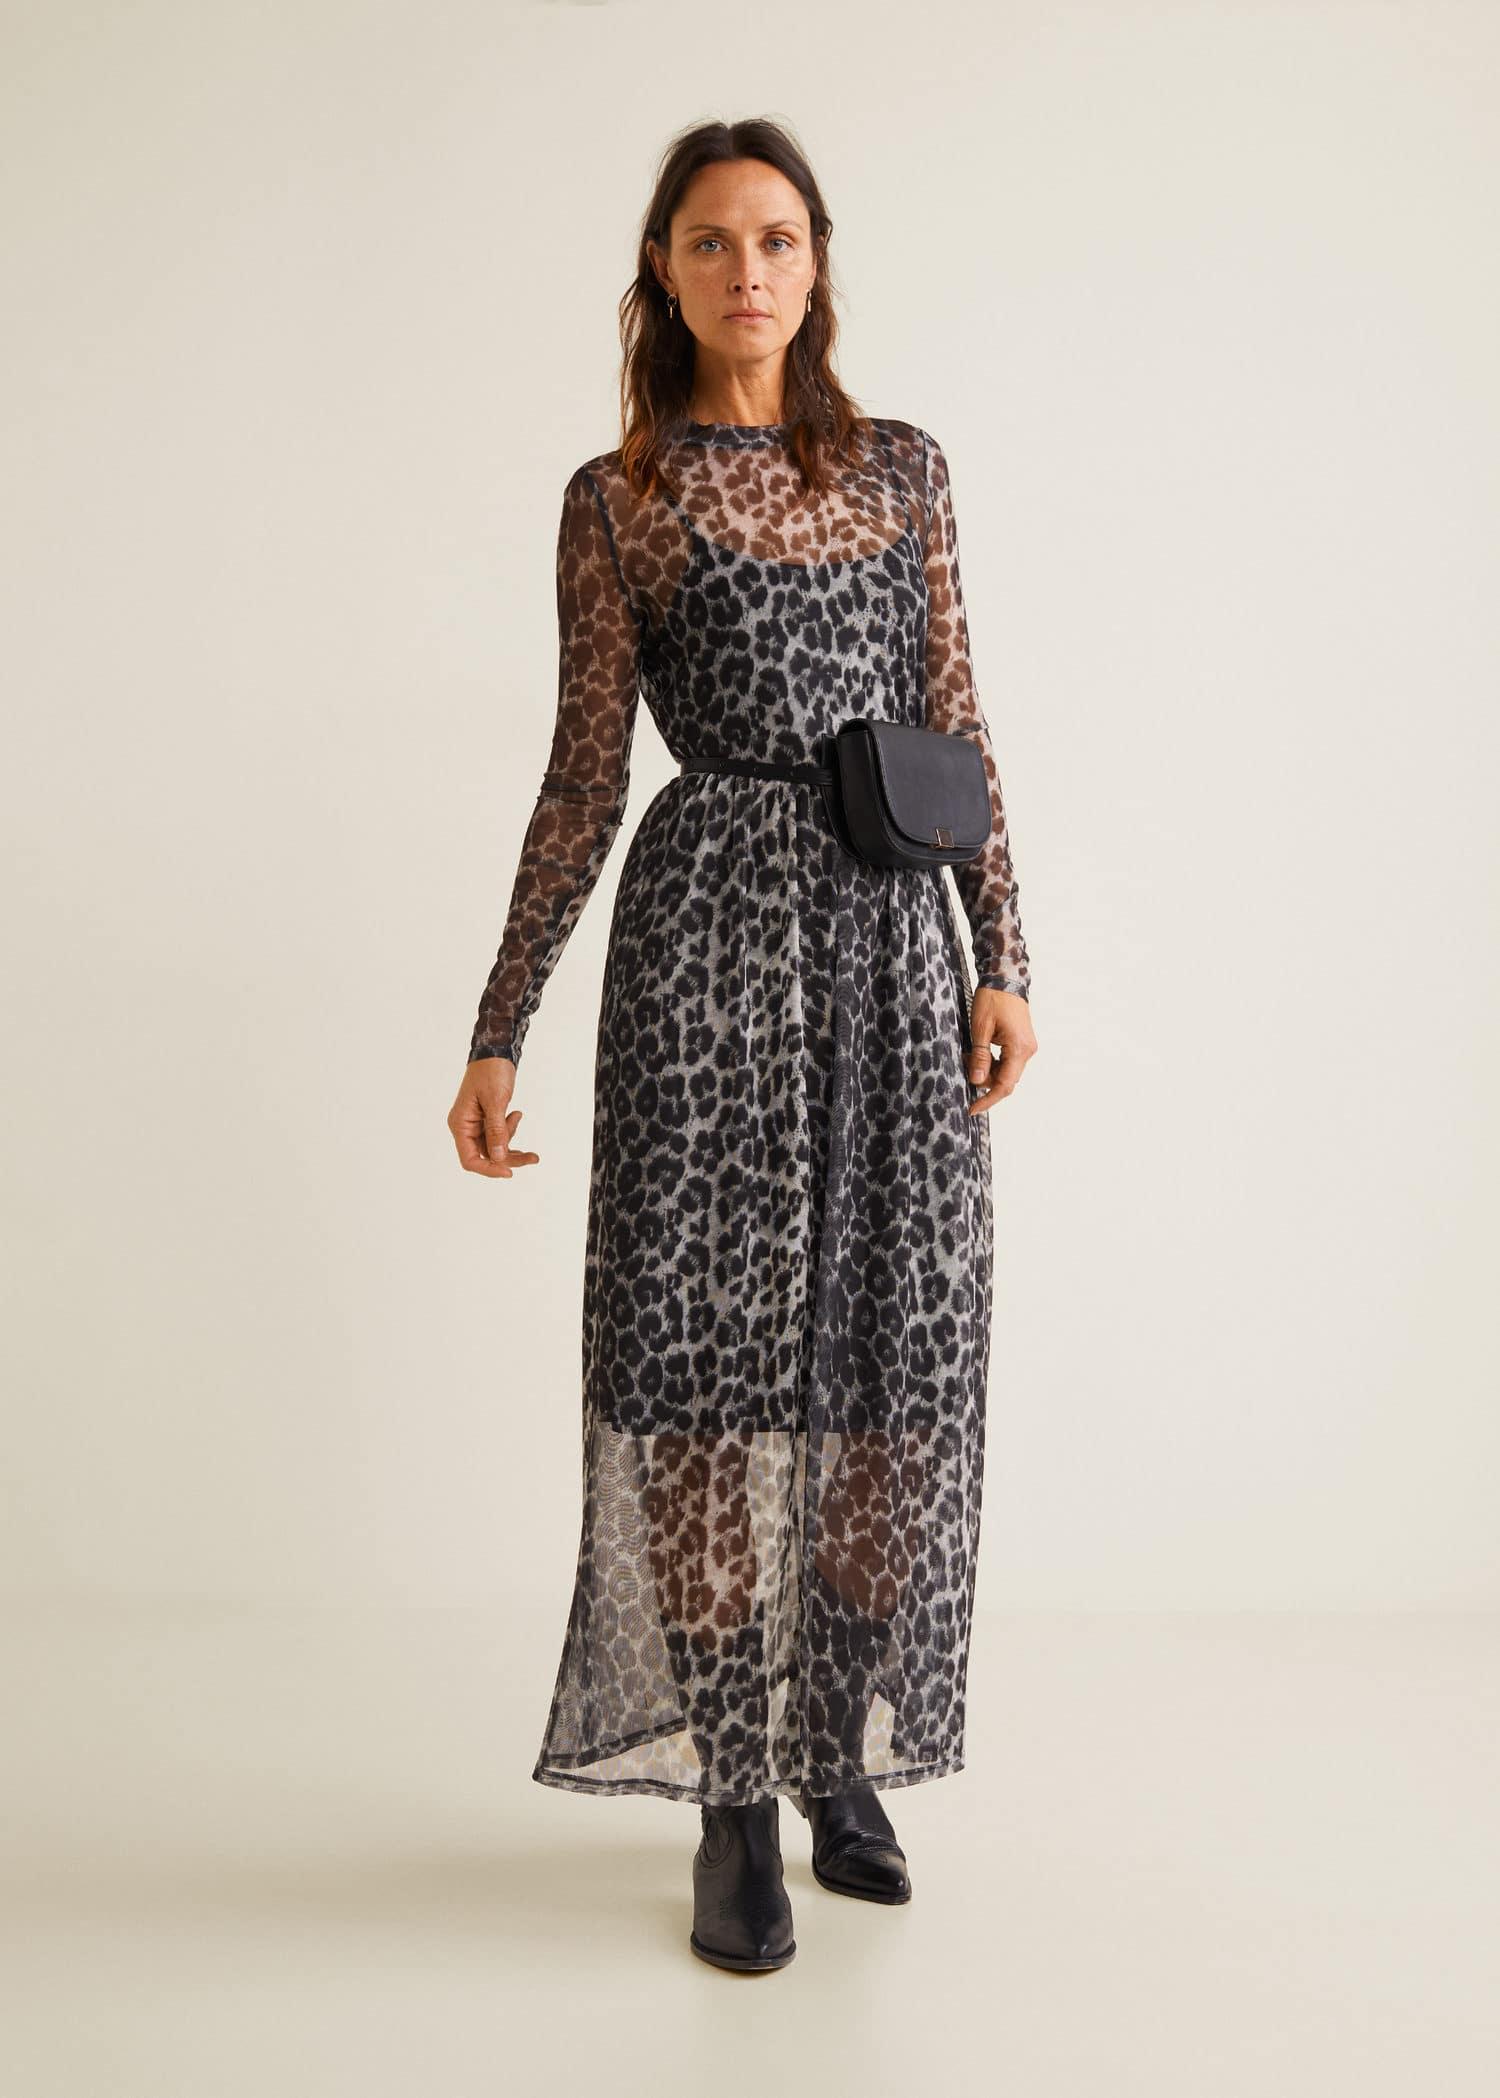 Lange sommerkleider reduziert - Modische Damenkleider